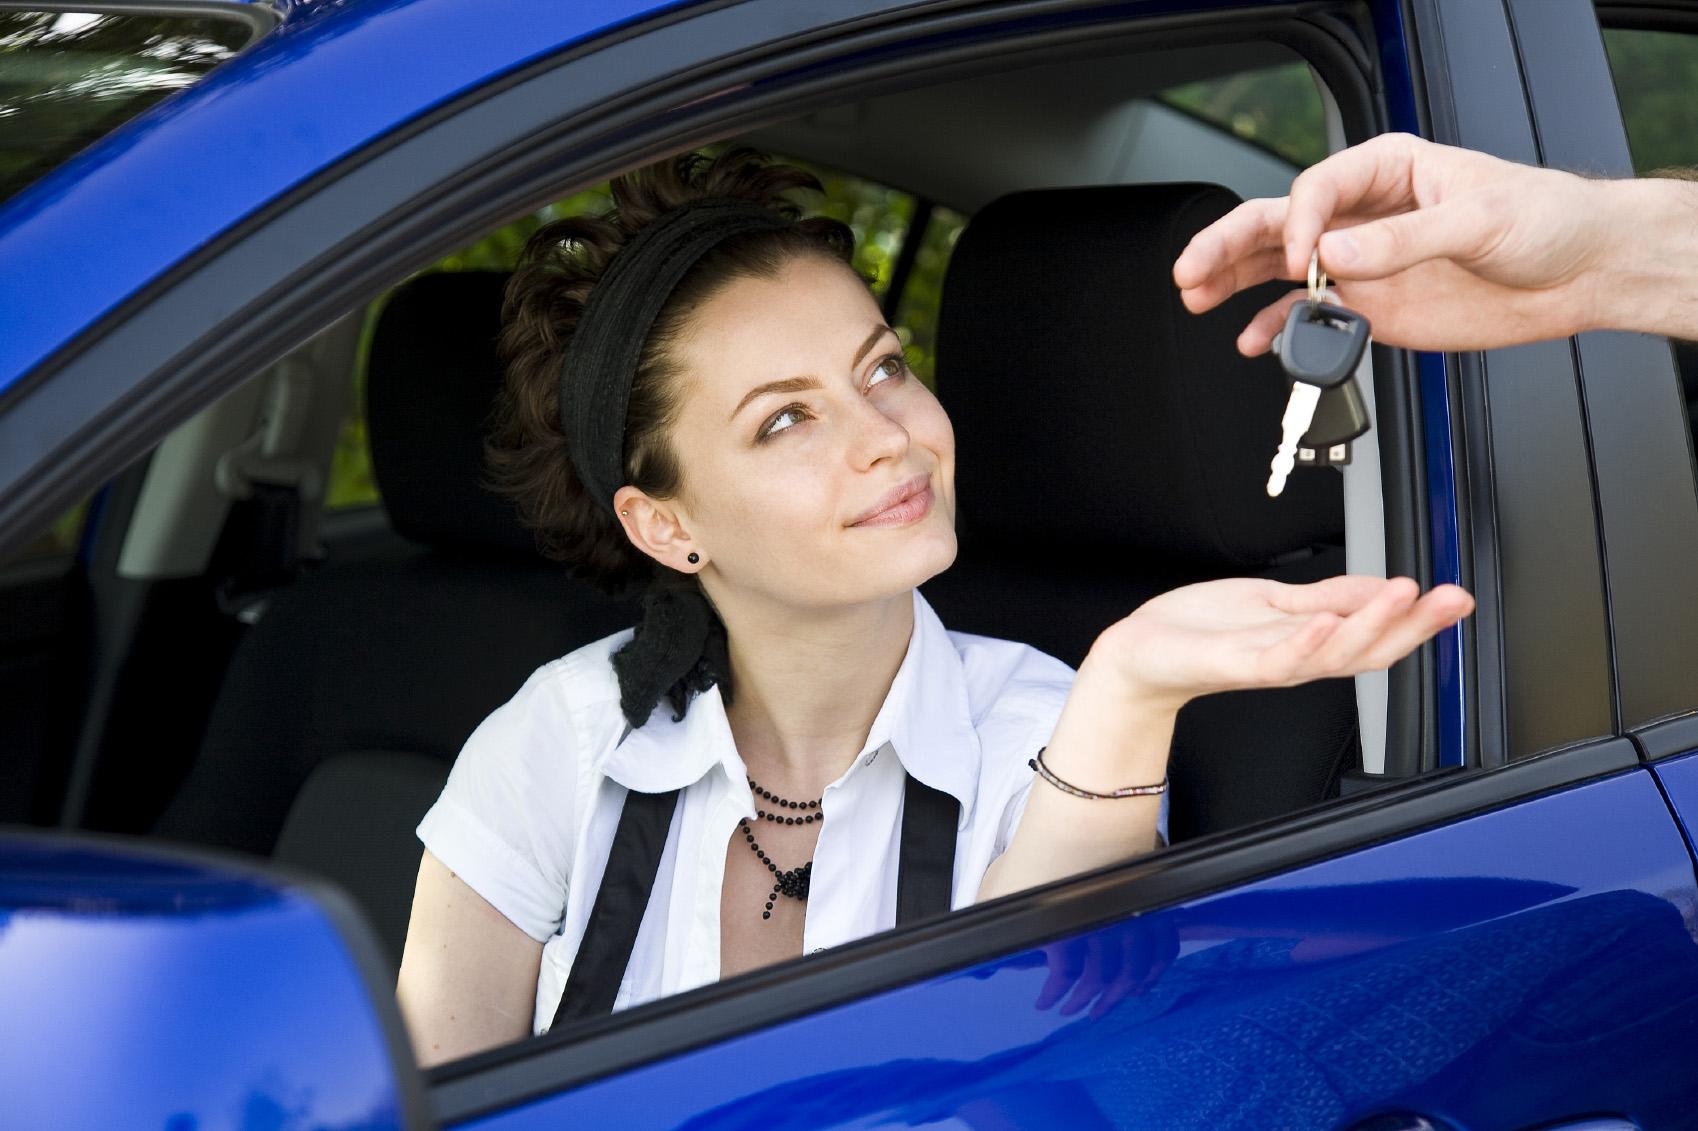 Autokauf leicht gemacht